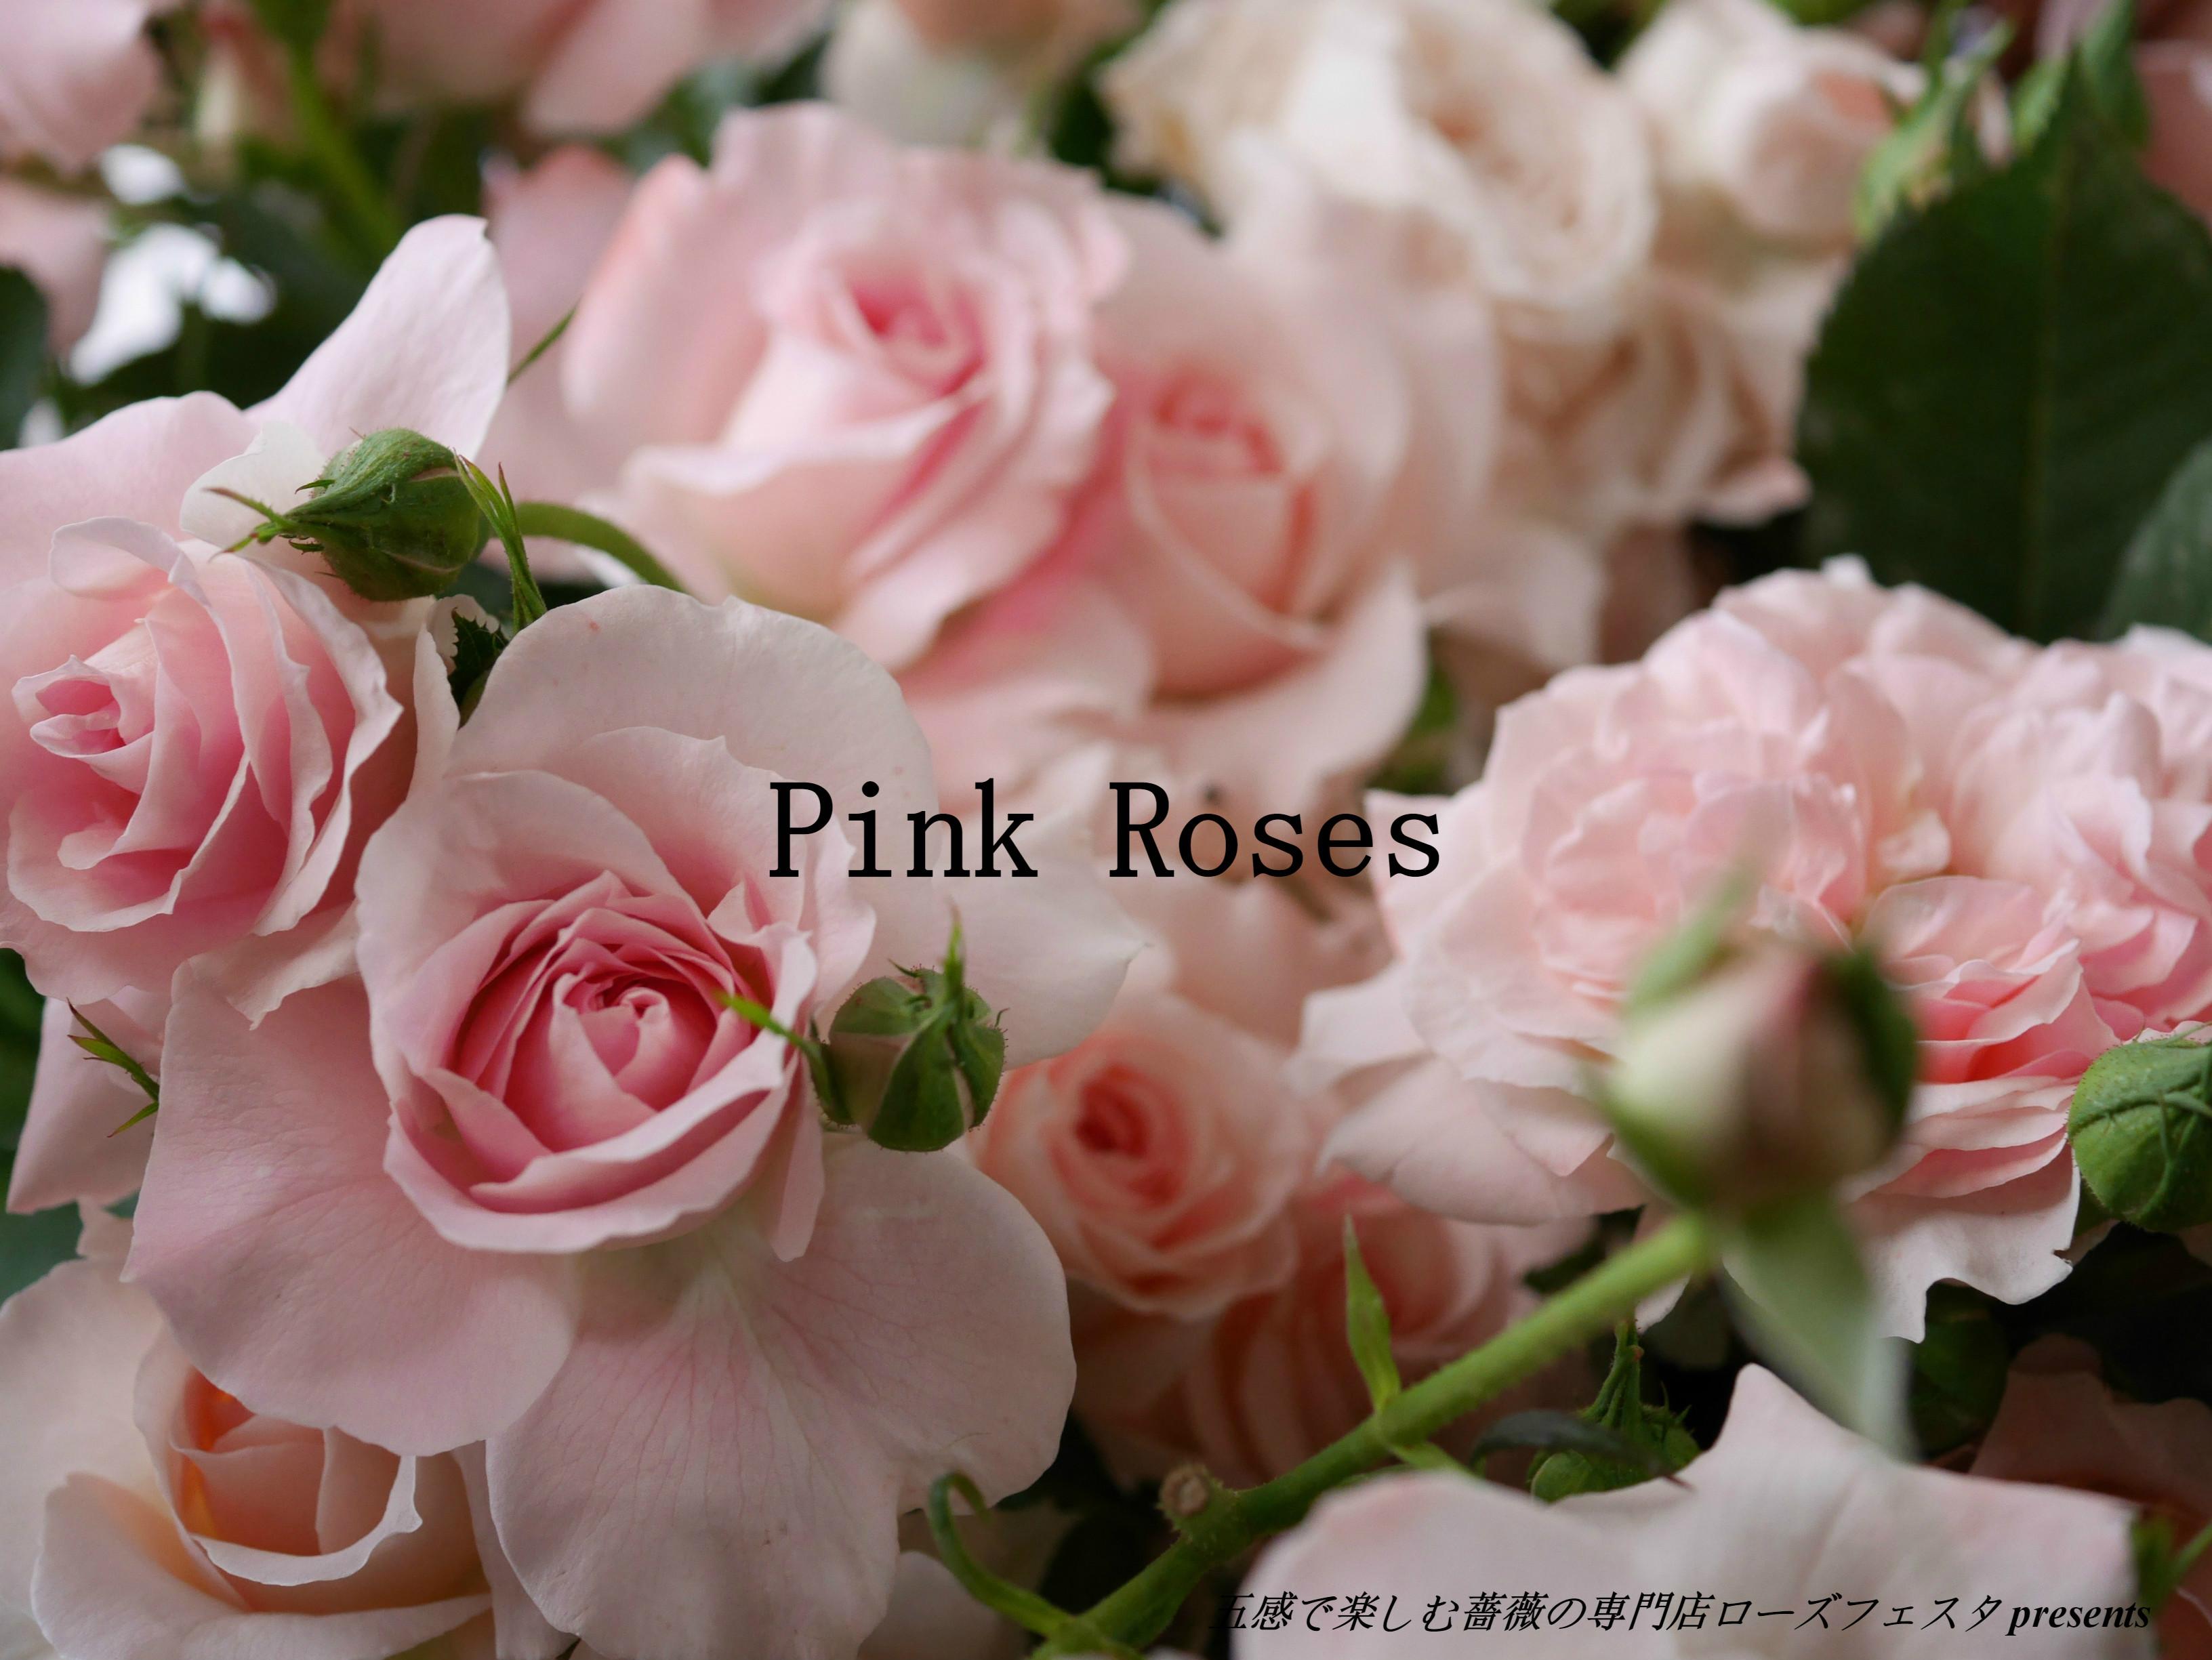 ローズフェスタで収穫したピンク系統のバラを写真いっぱいに敷き詰めた美麗写真。